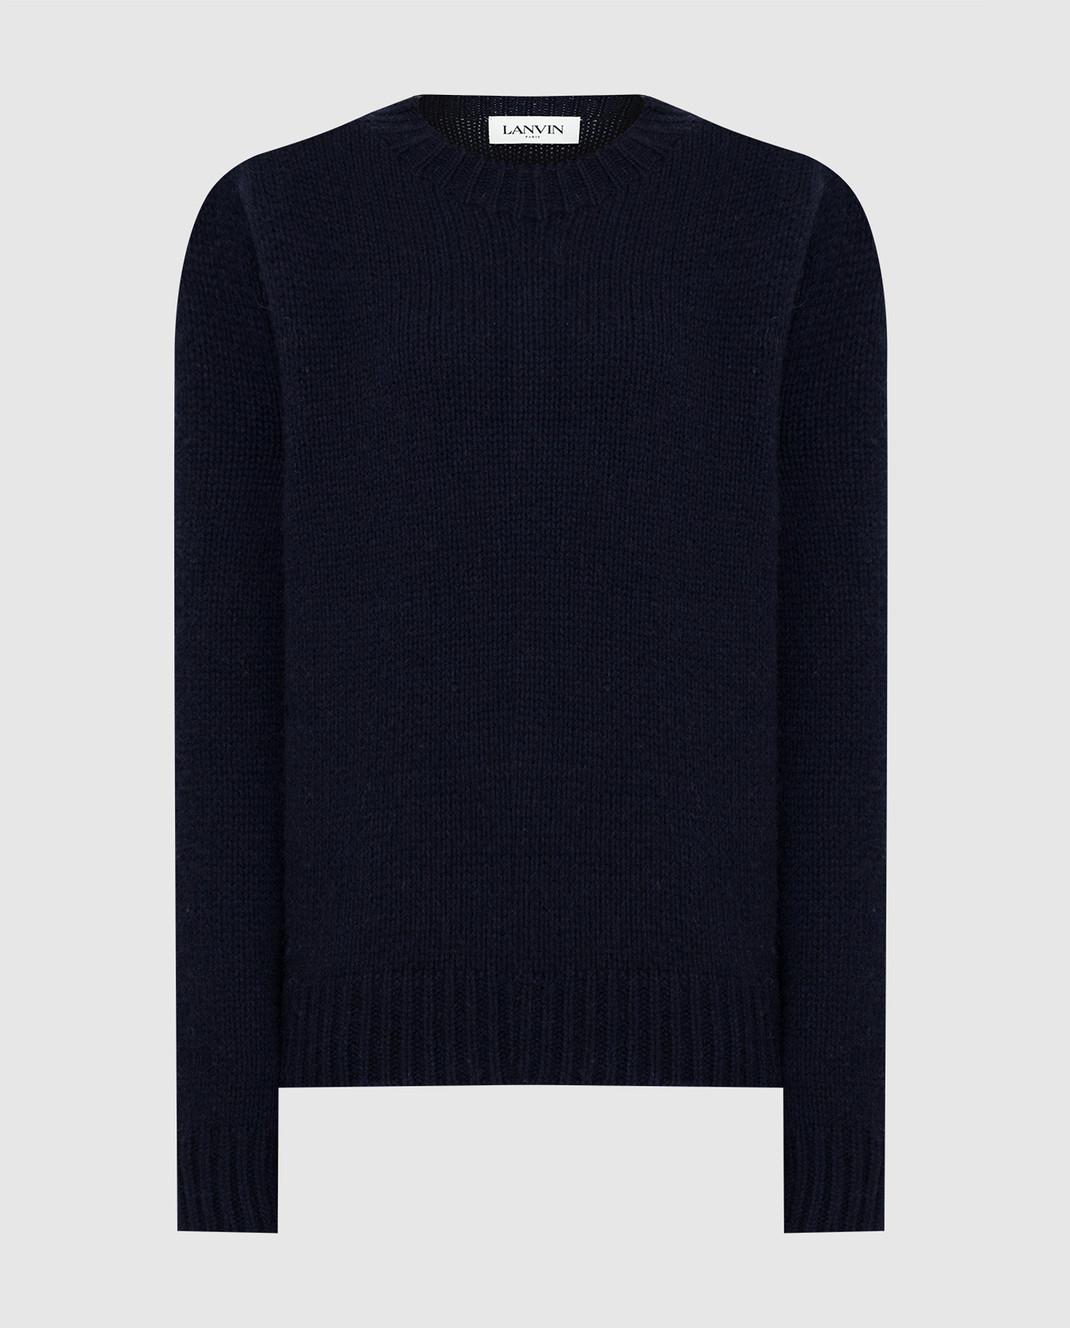 Lanvin Темно-синий свитер из кашемира изображение 1